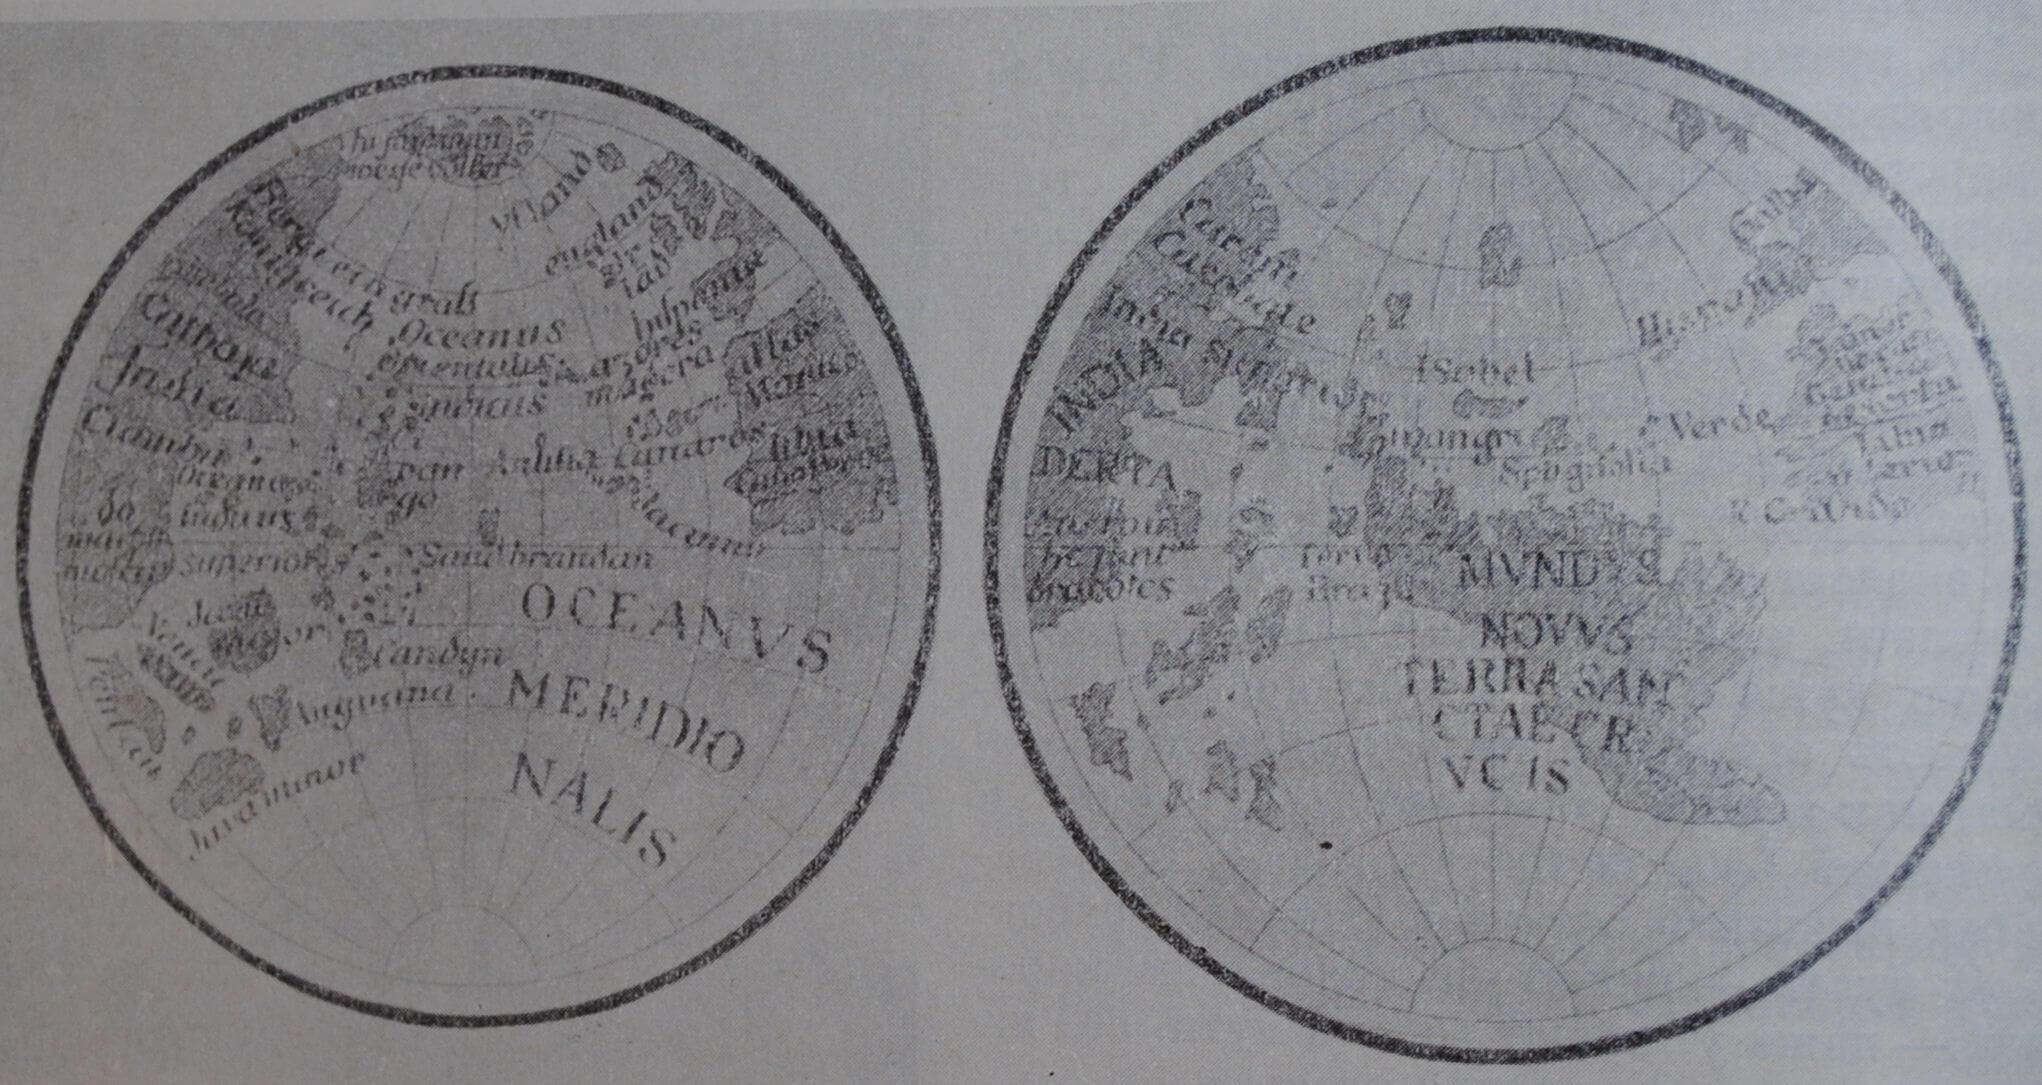 1. Глобус Мартина Бехайма 1492 г. (до открытия Америки). 2. Глобус Ленокса 1510-1512 гг. (после открытия Америки).